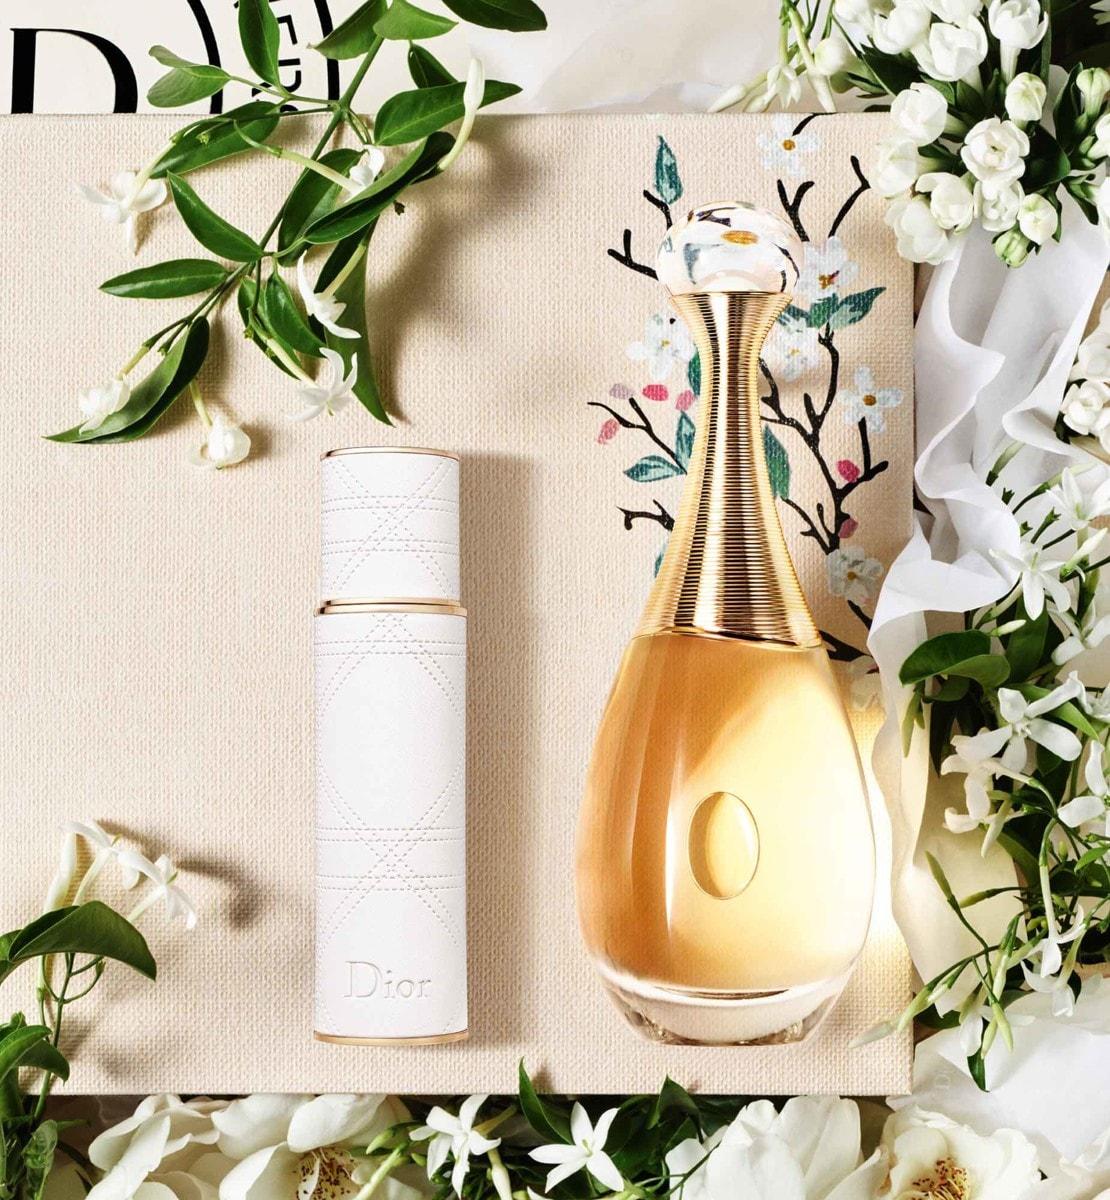 Dior - J'adore Eau de parfum & vaporisateur de voyage